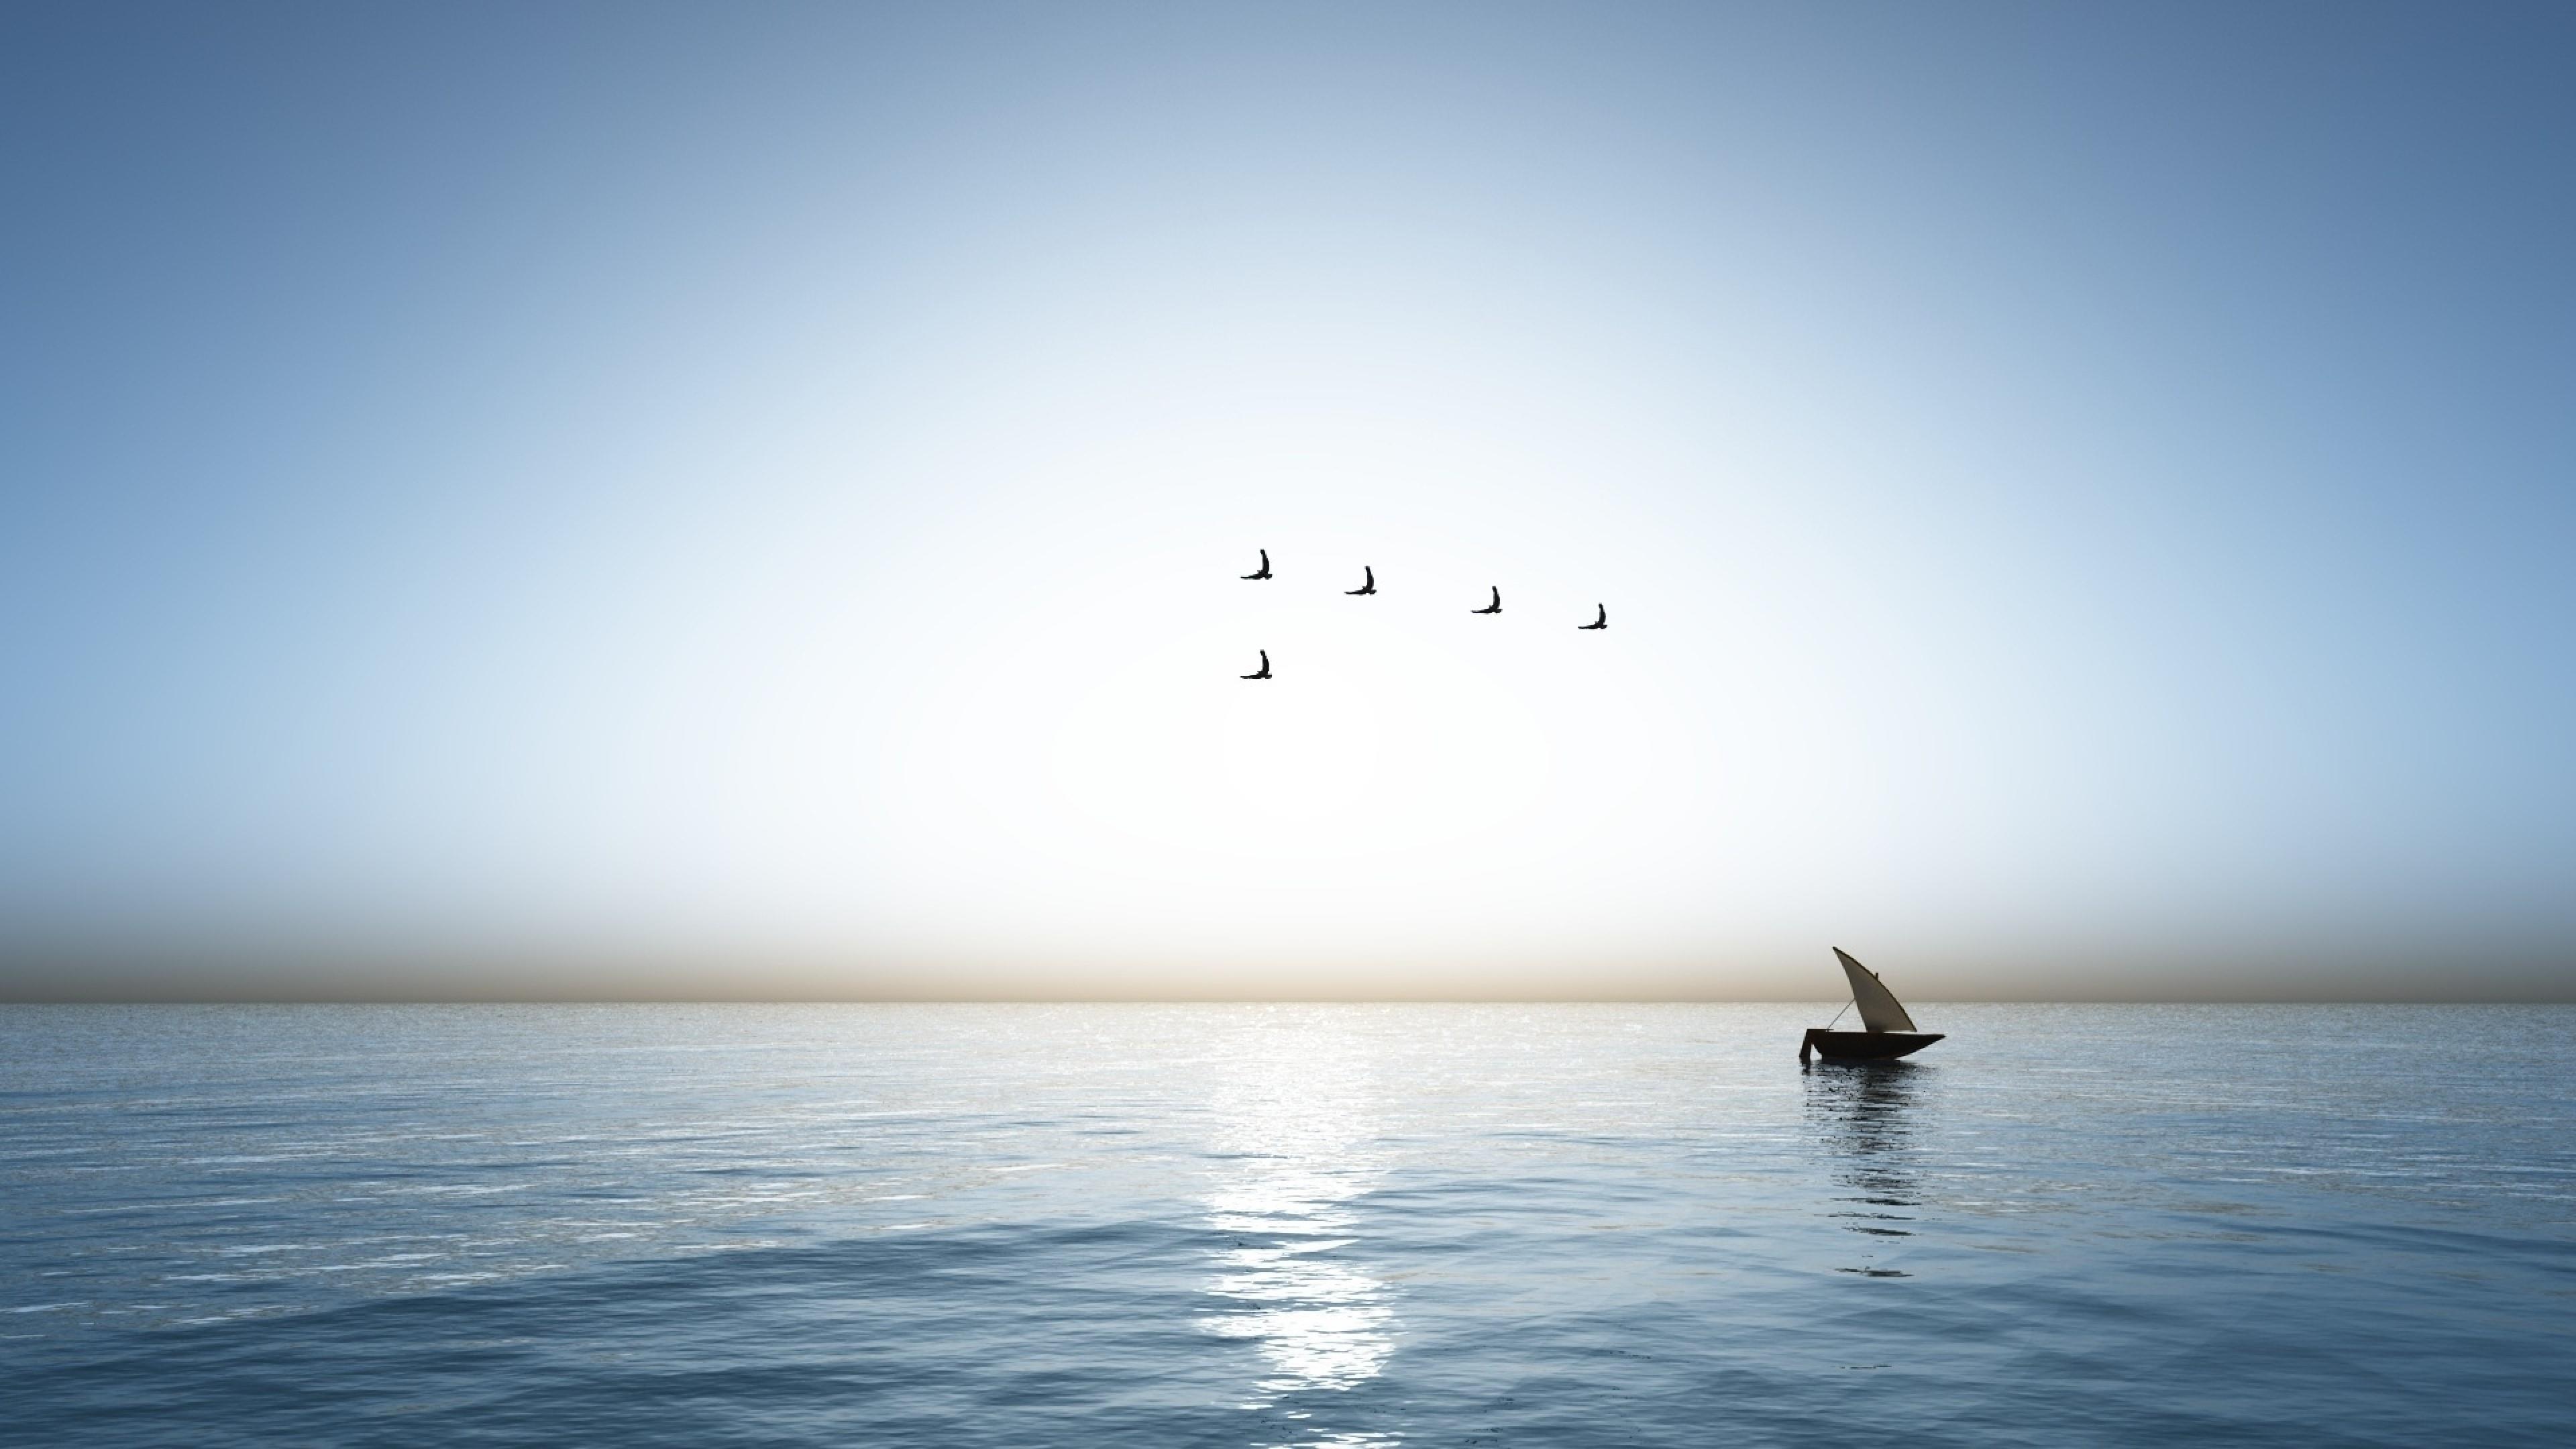 Seabirds in the blue sky wallpaper